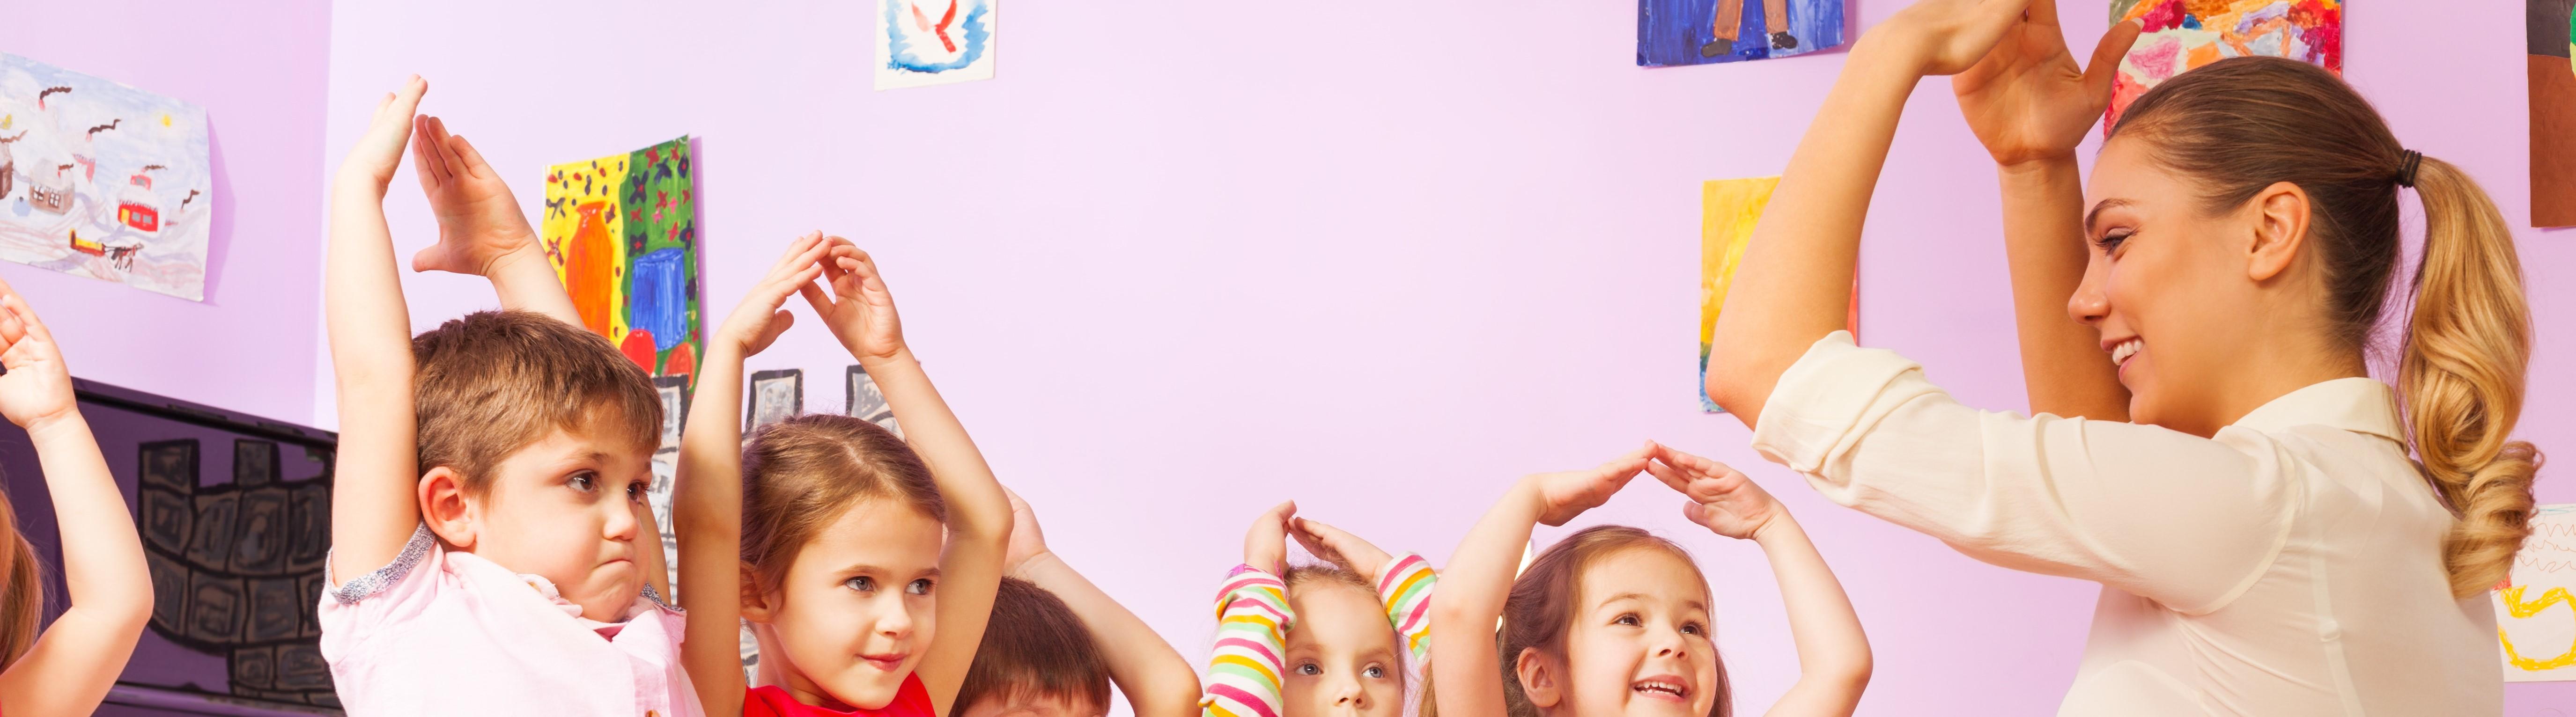 Bilde av barn som leker